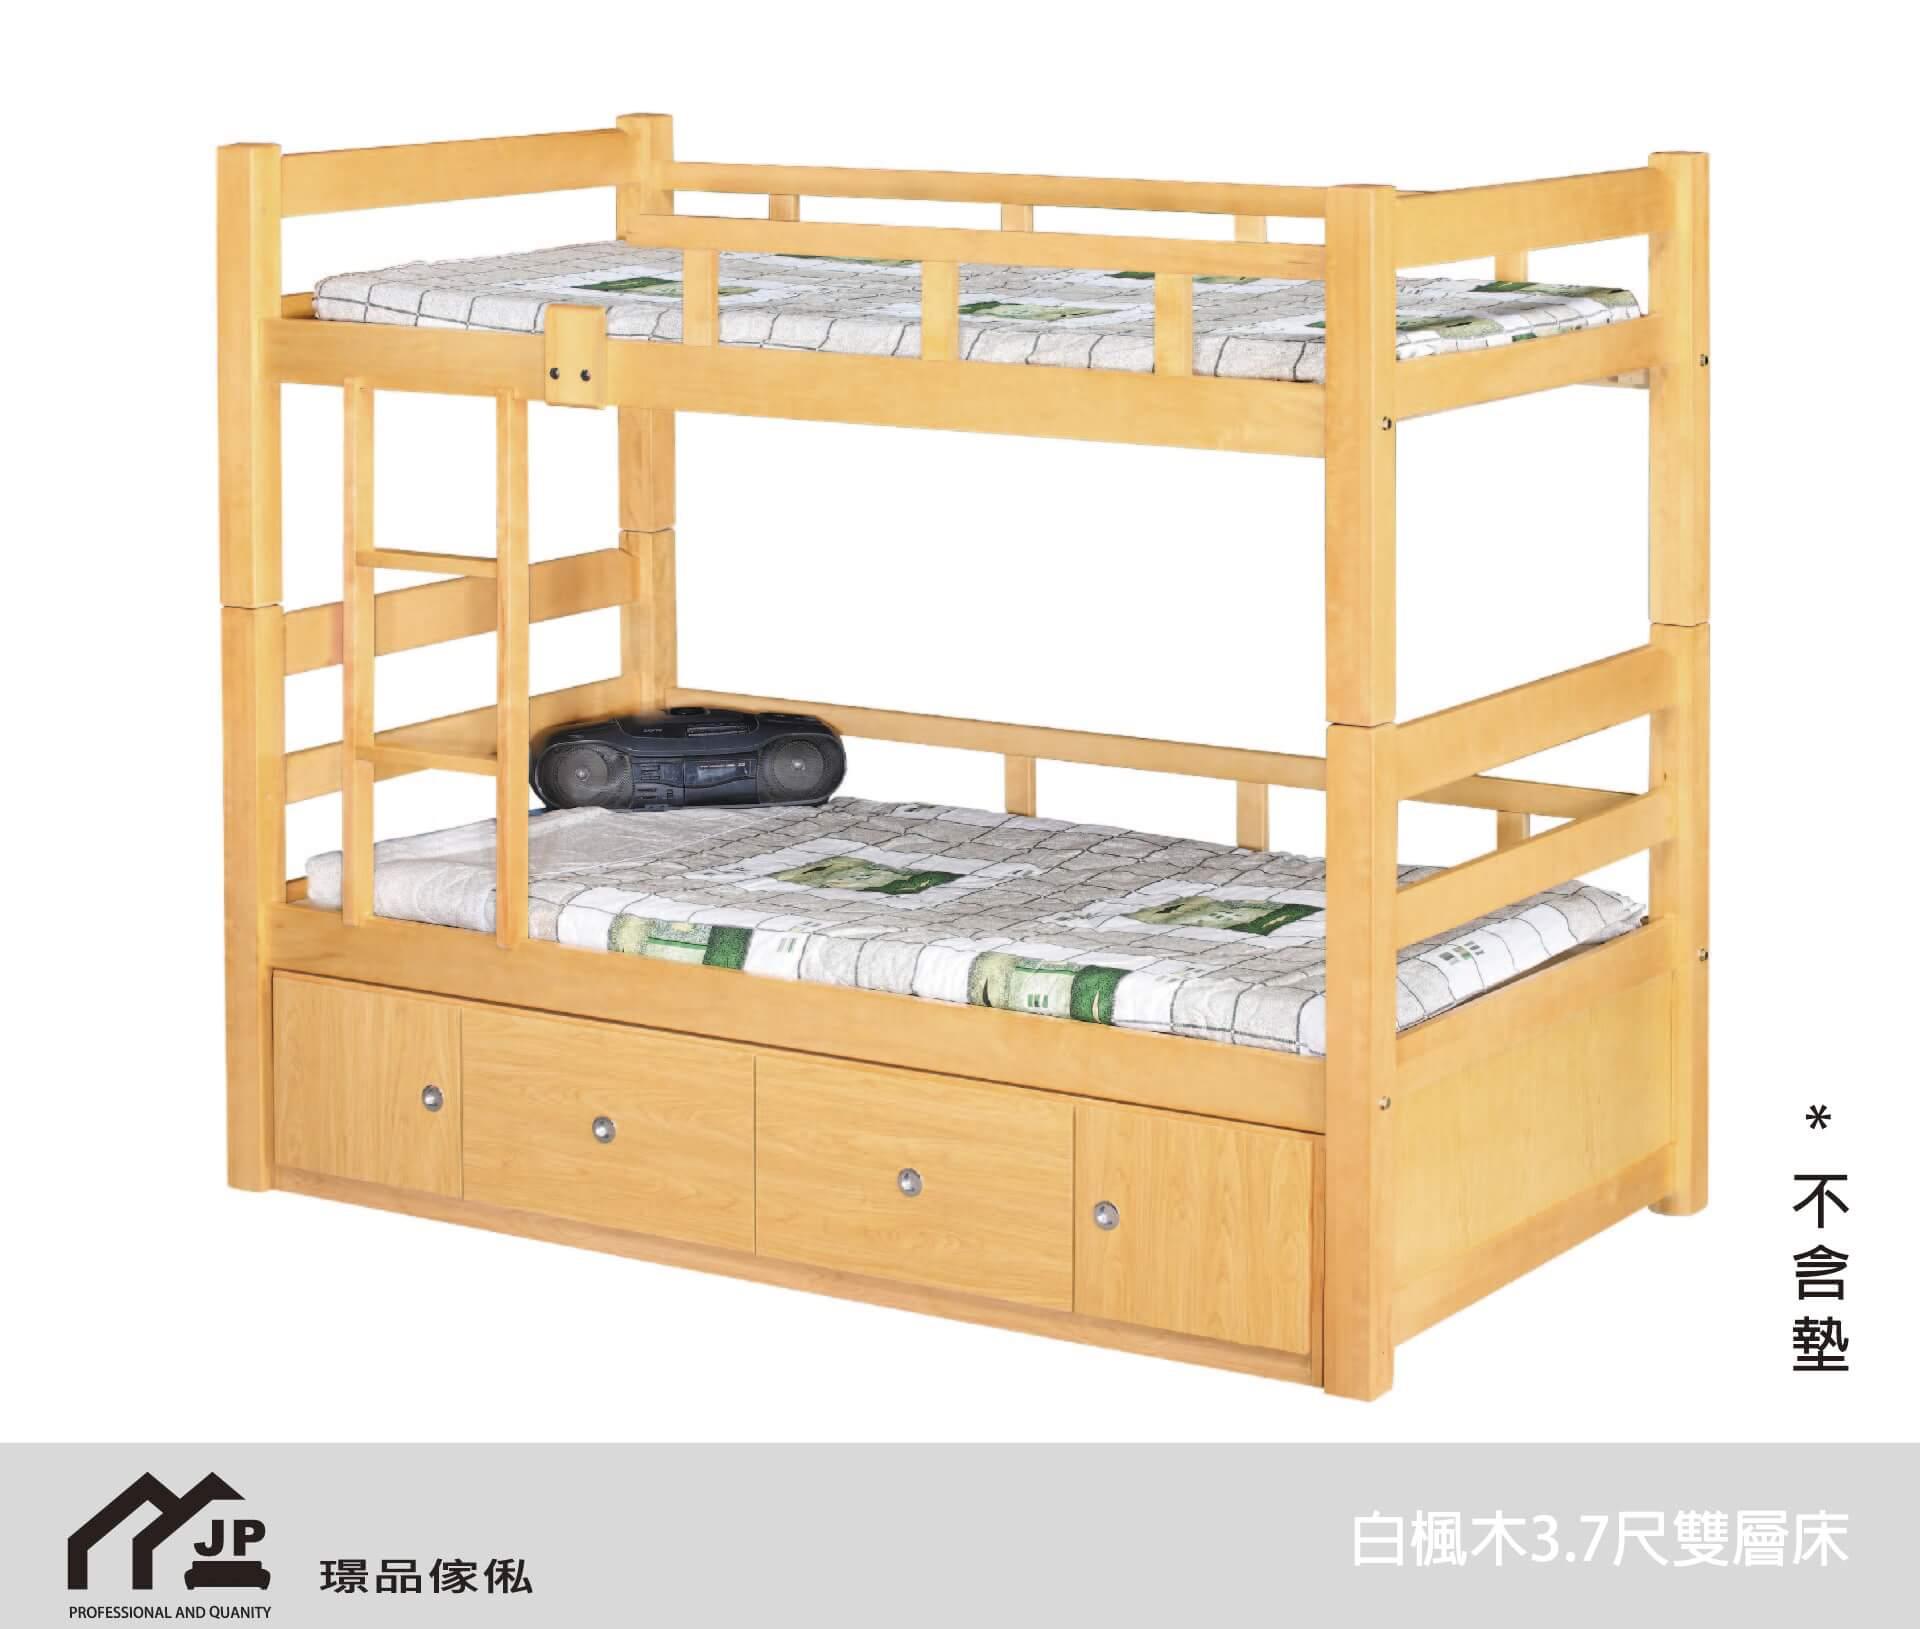 白楓木3.7尺雙層床 - 璟品傢俬|沙發工廠直營門市